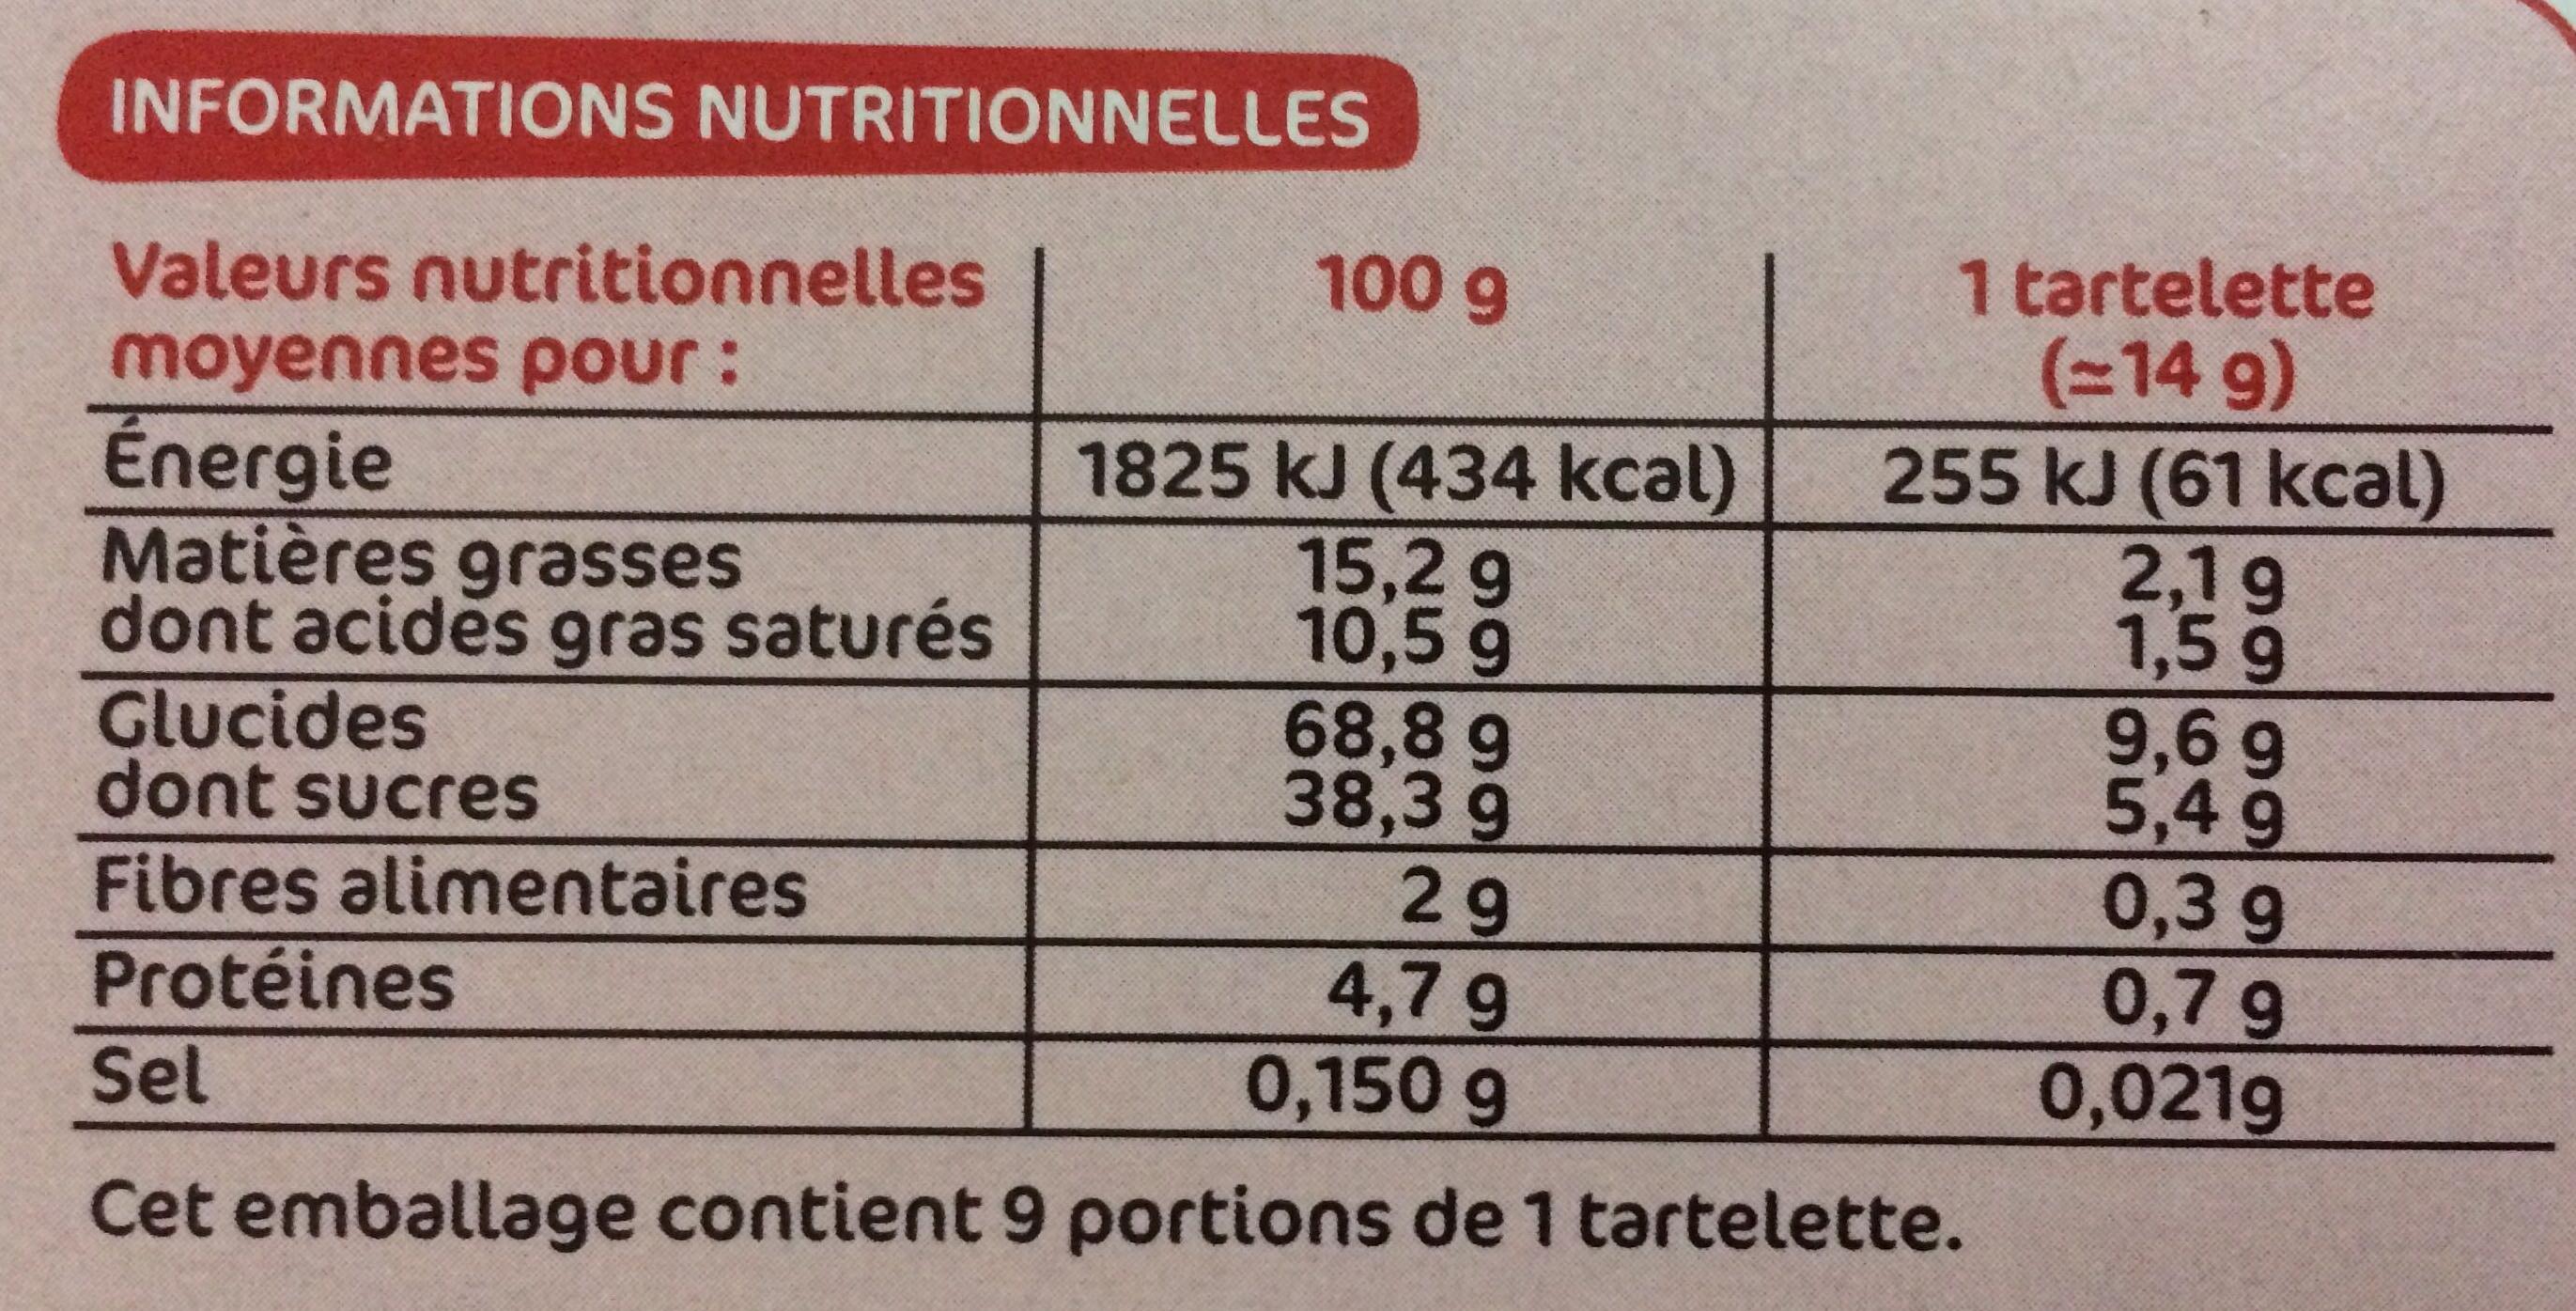 P'tit déli - Tartelettes fruits rouges et crumble - Informations nutritionnelles - fr